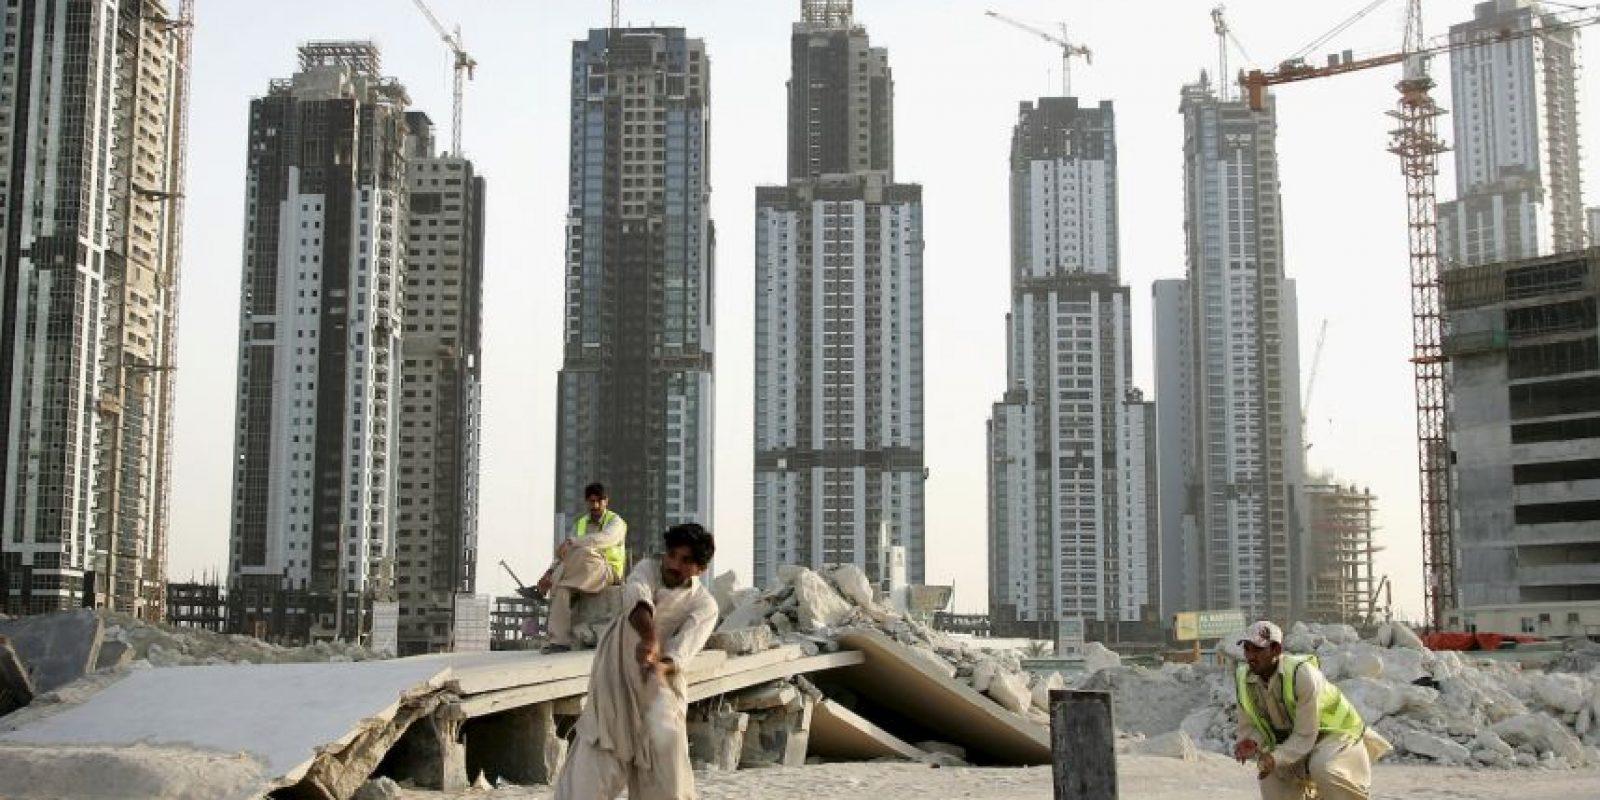 Ciudades como Dubai, en Emiratos Árabes Unidos y Bandar Abbas, en Irán, podrían alcanzar temperaturas promedio muy superiores a los 35ºC (95F), el límite para una supervivencia humana óptima. Foto:Getty Images